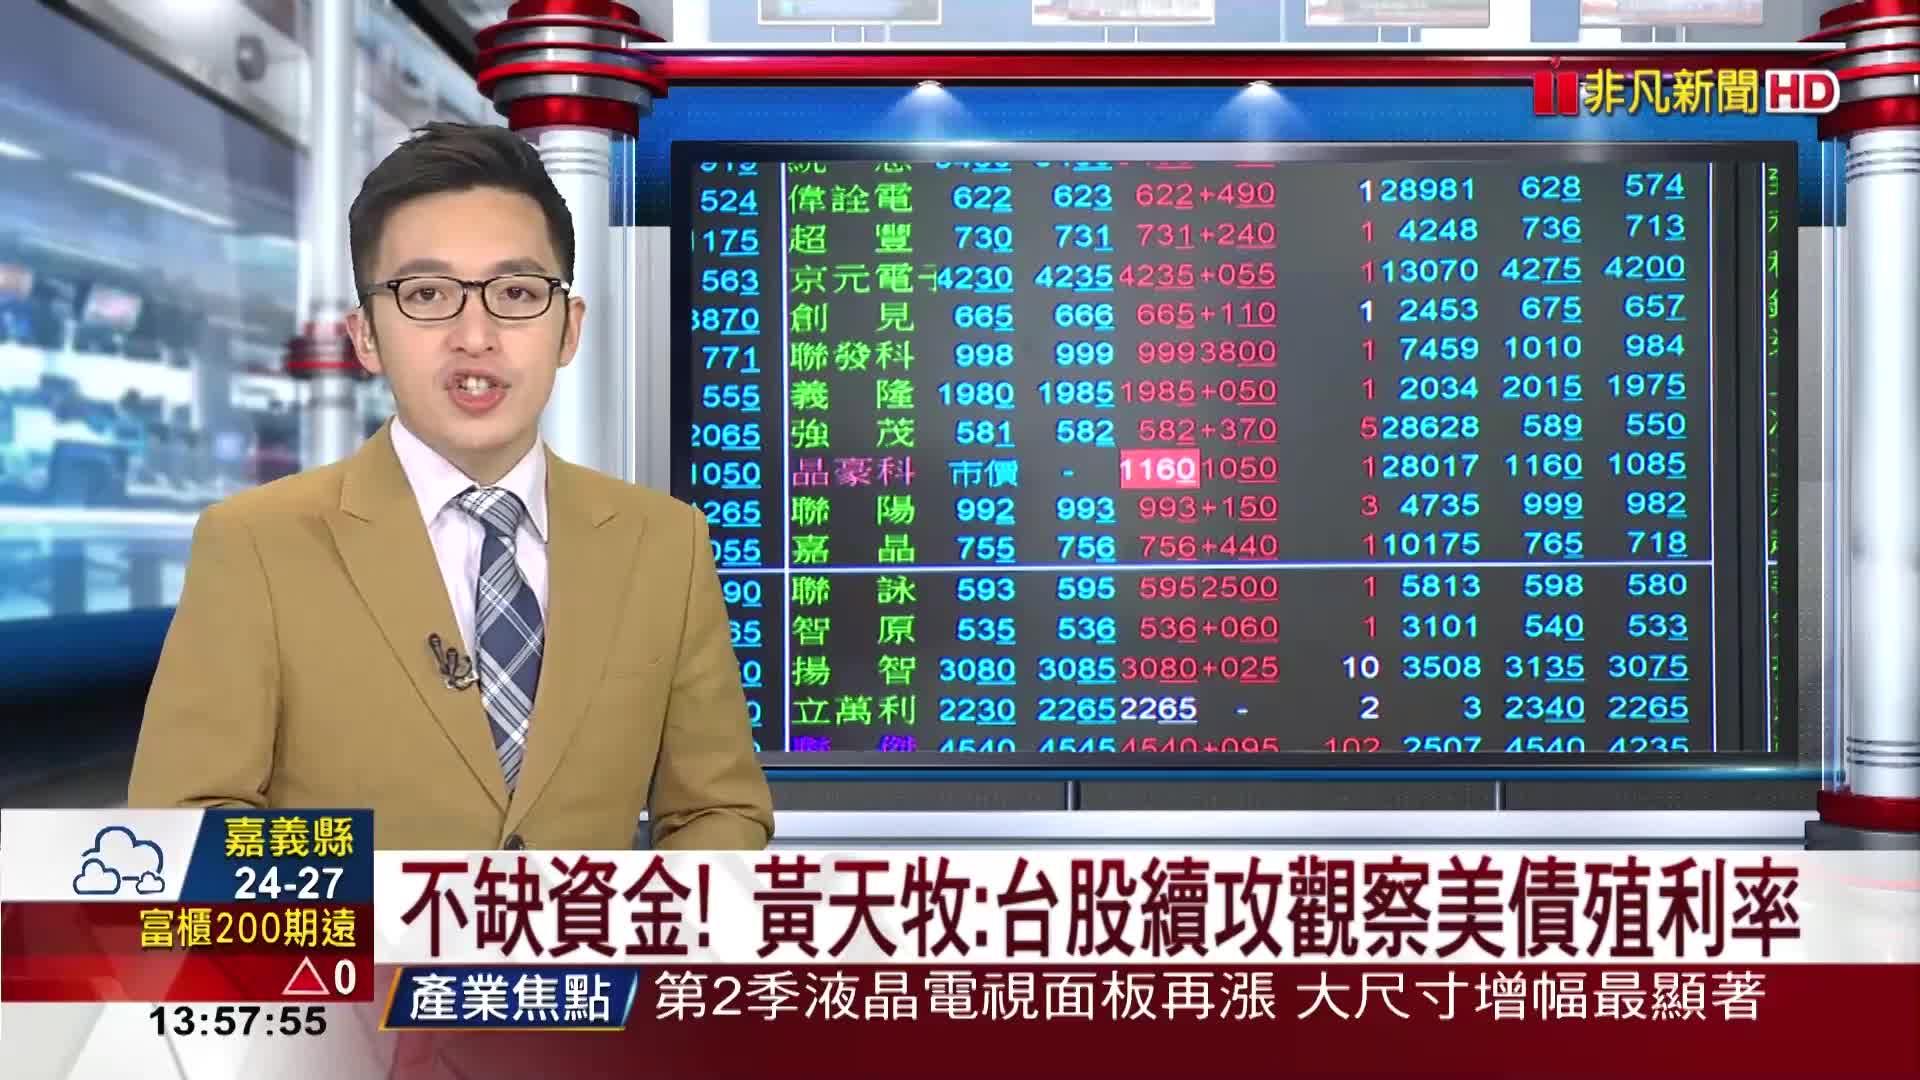 不缺資金! 黃天牧:台股續攻觀察美債殖利率